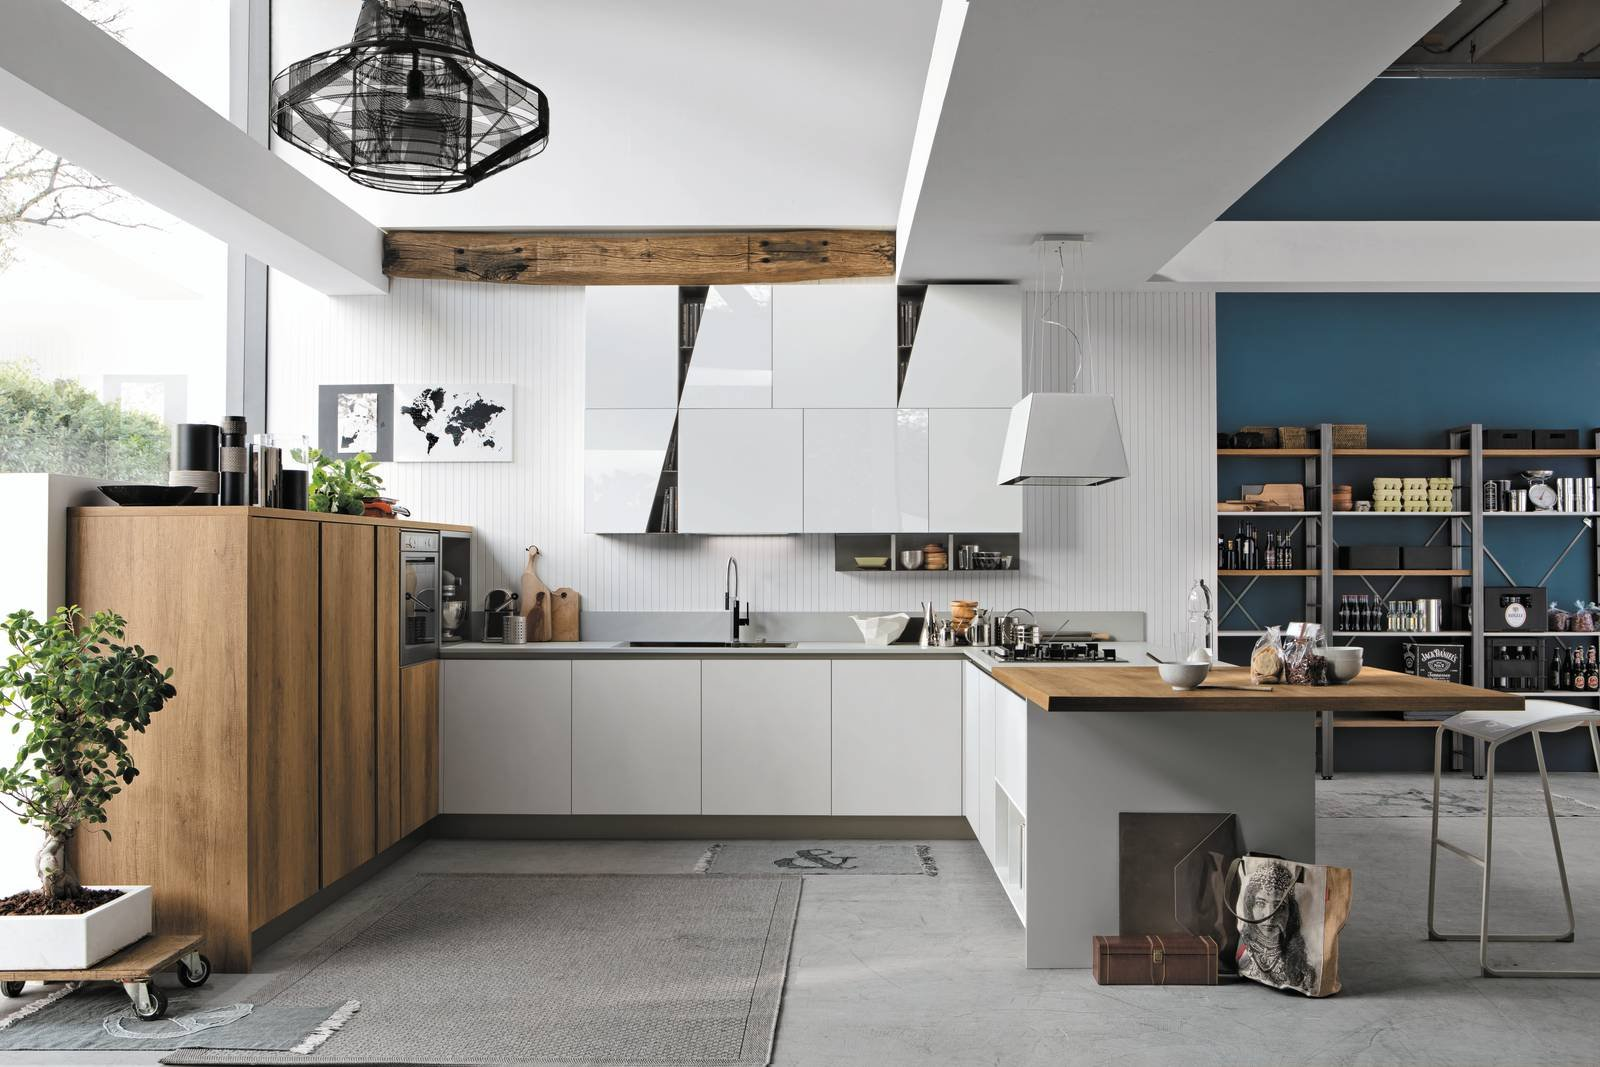 La cucina a u raccolta ergonomica funzionale cose di casa - Cucine ad angolo con penisola ...